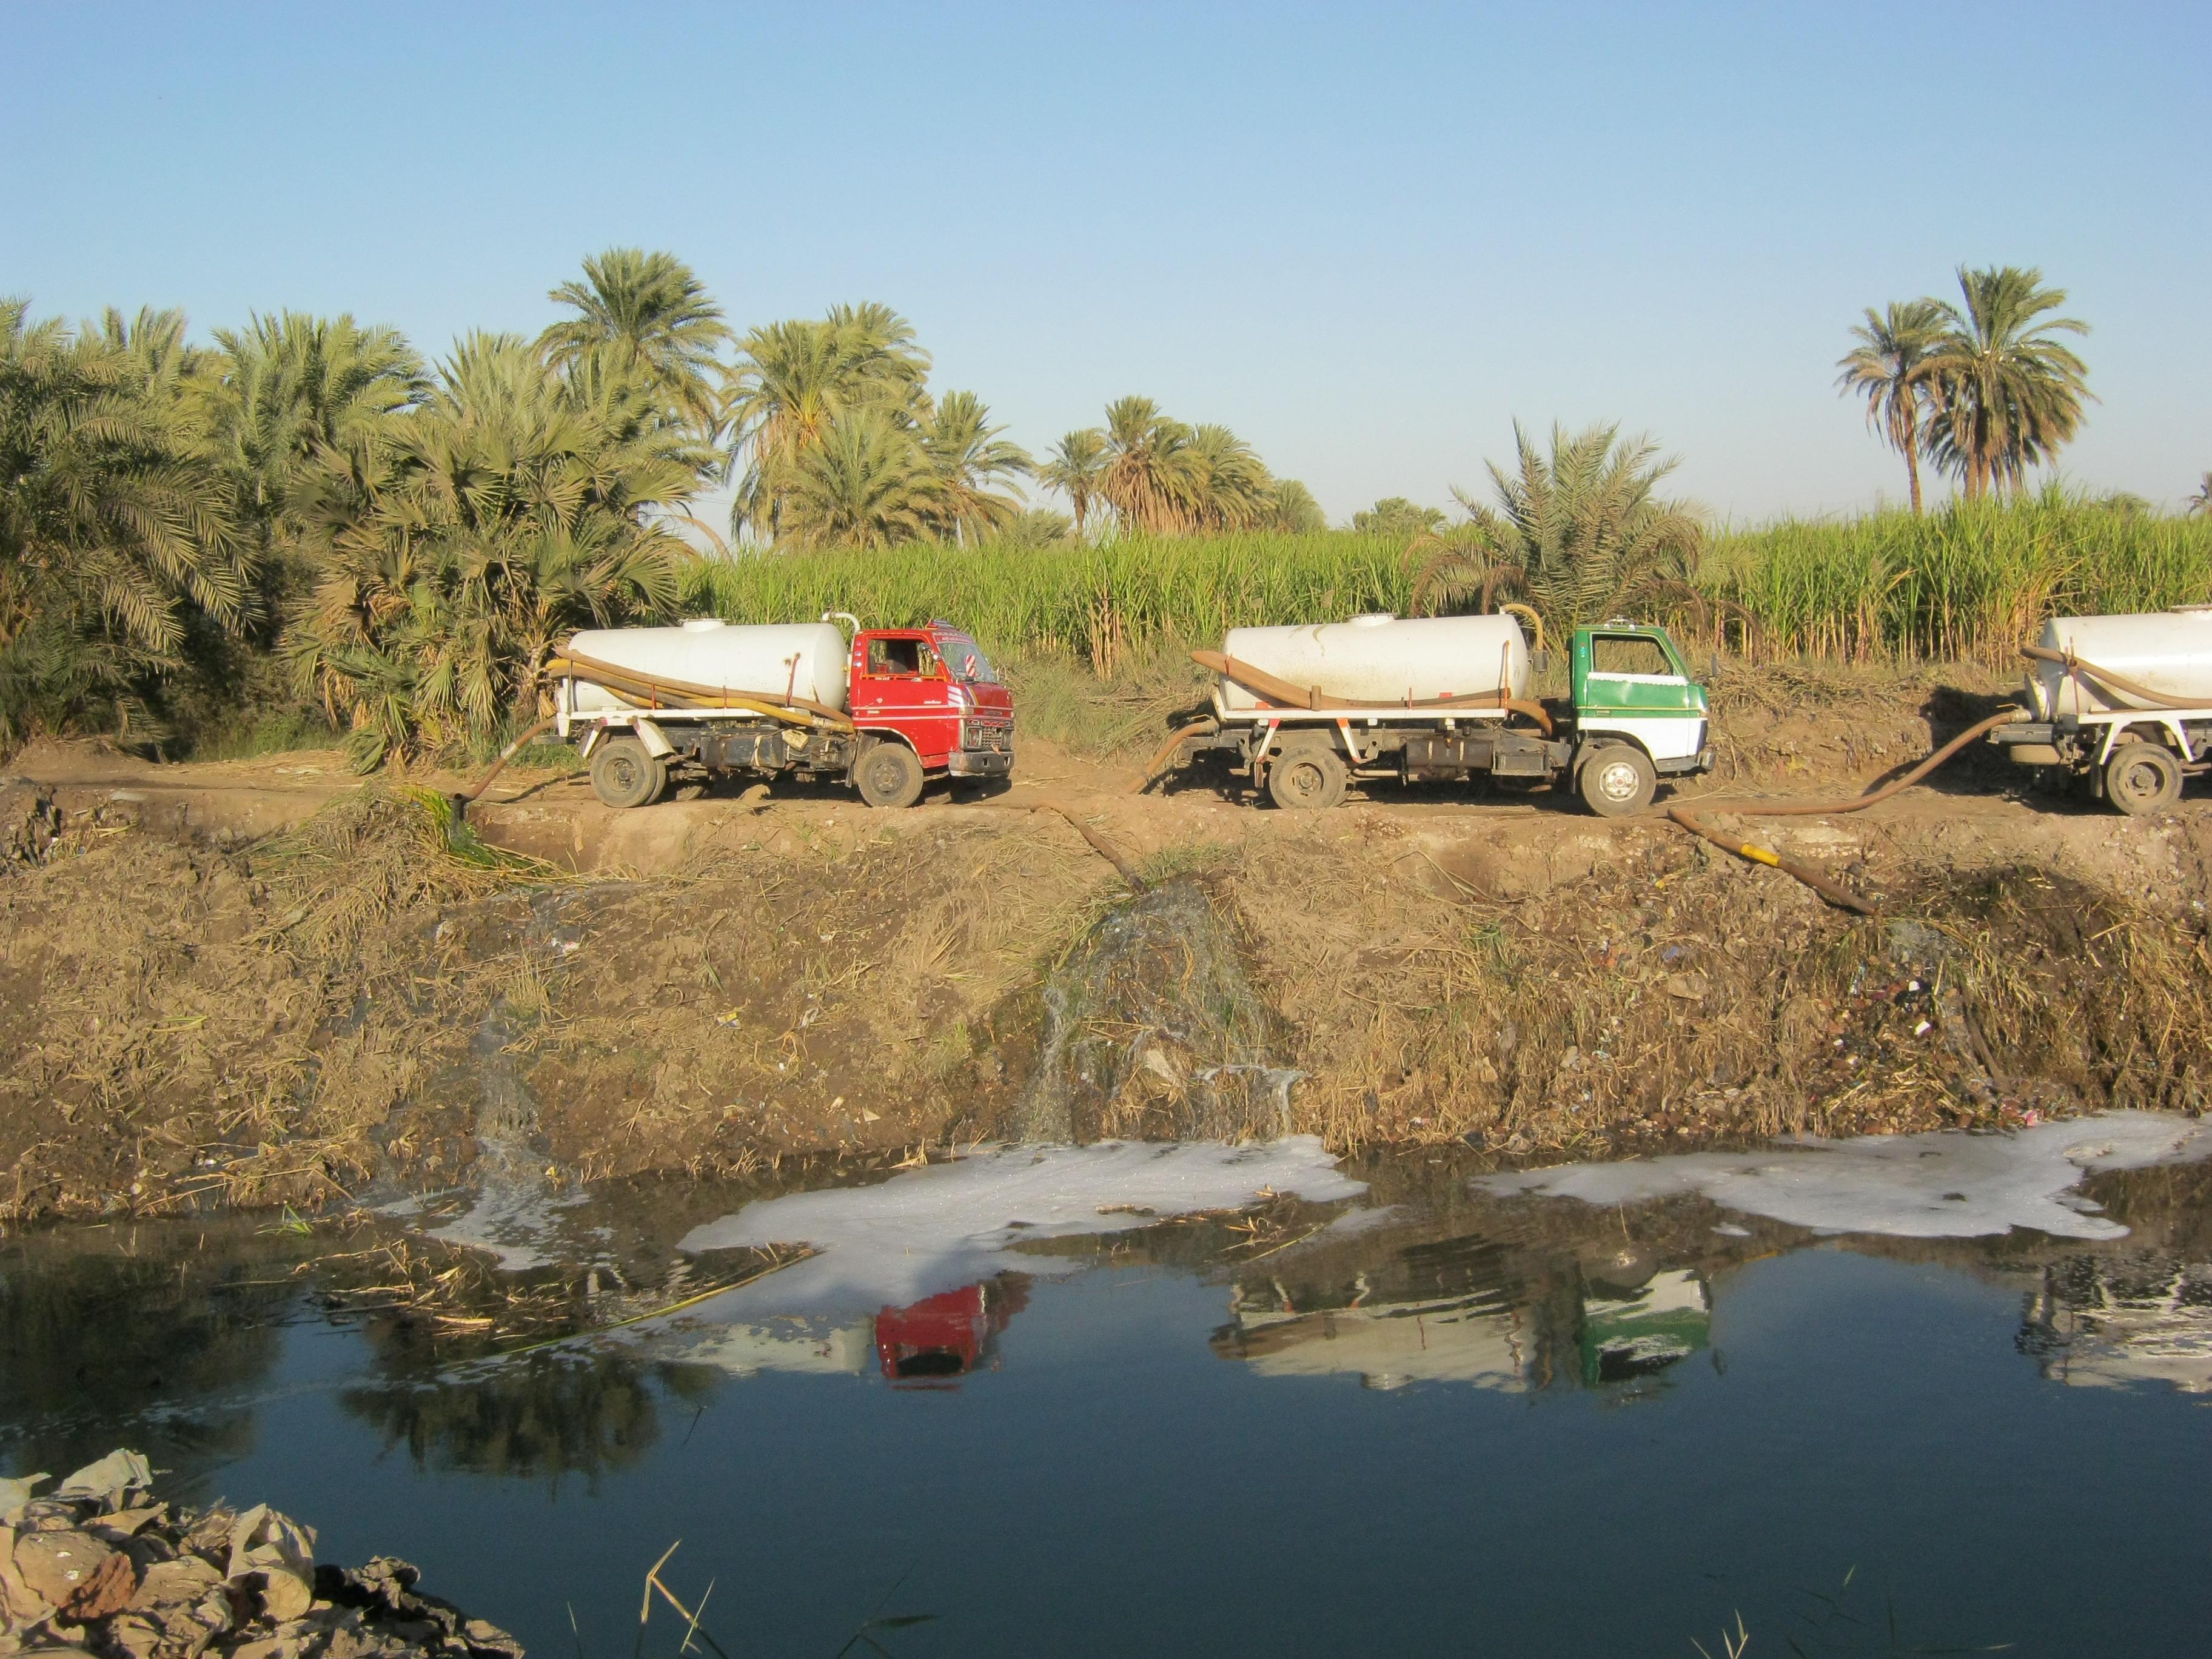 كارثة بيئية: سيارات تفرغ الصرف الصحي في نيل الأقصر